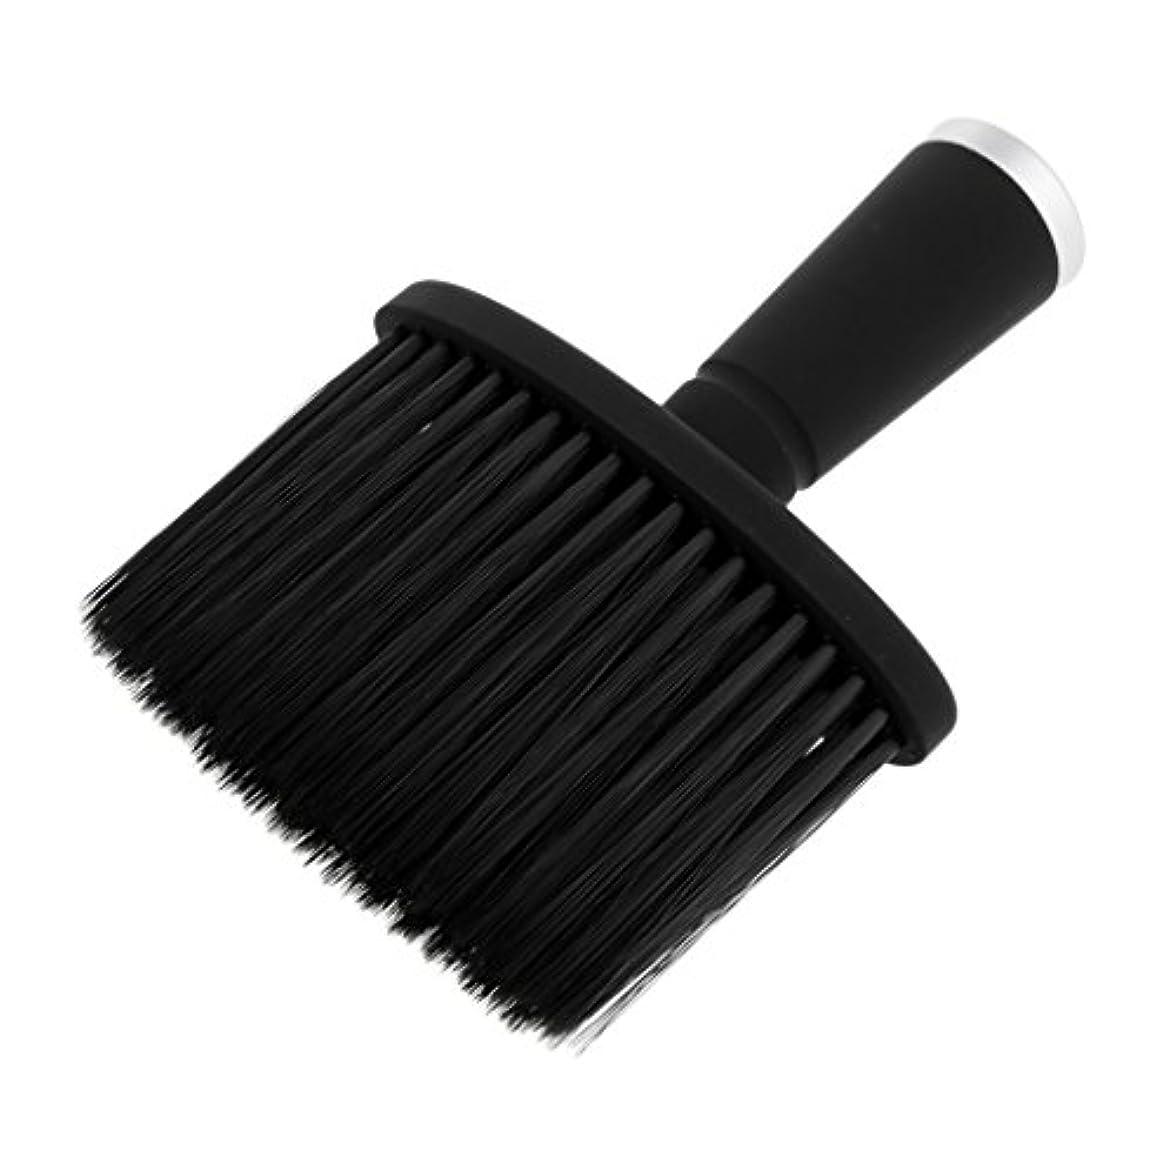 幼児ダウンタウンアクロバット大広間のスタイリストの理髪師の毛の切断の構造用具のための柔らかい首の塵払いのブラシ - 銀